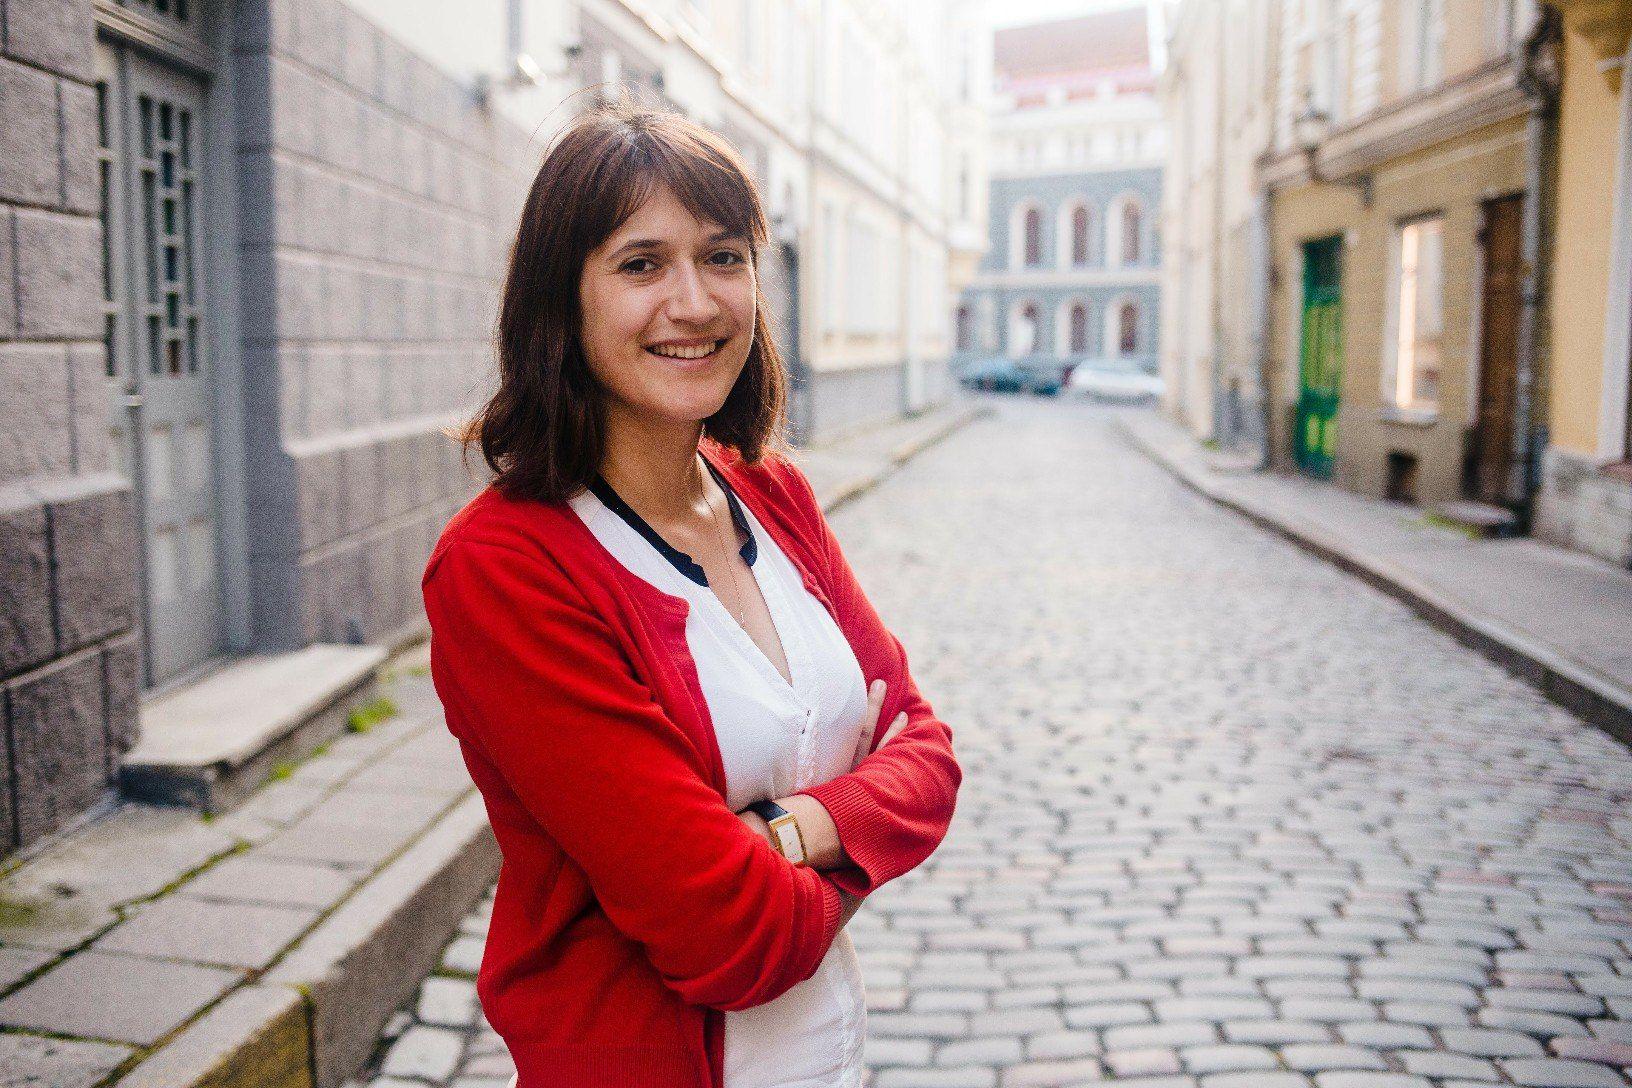 Волонтерим: как поехать за границу бесплатно в 2021